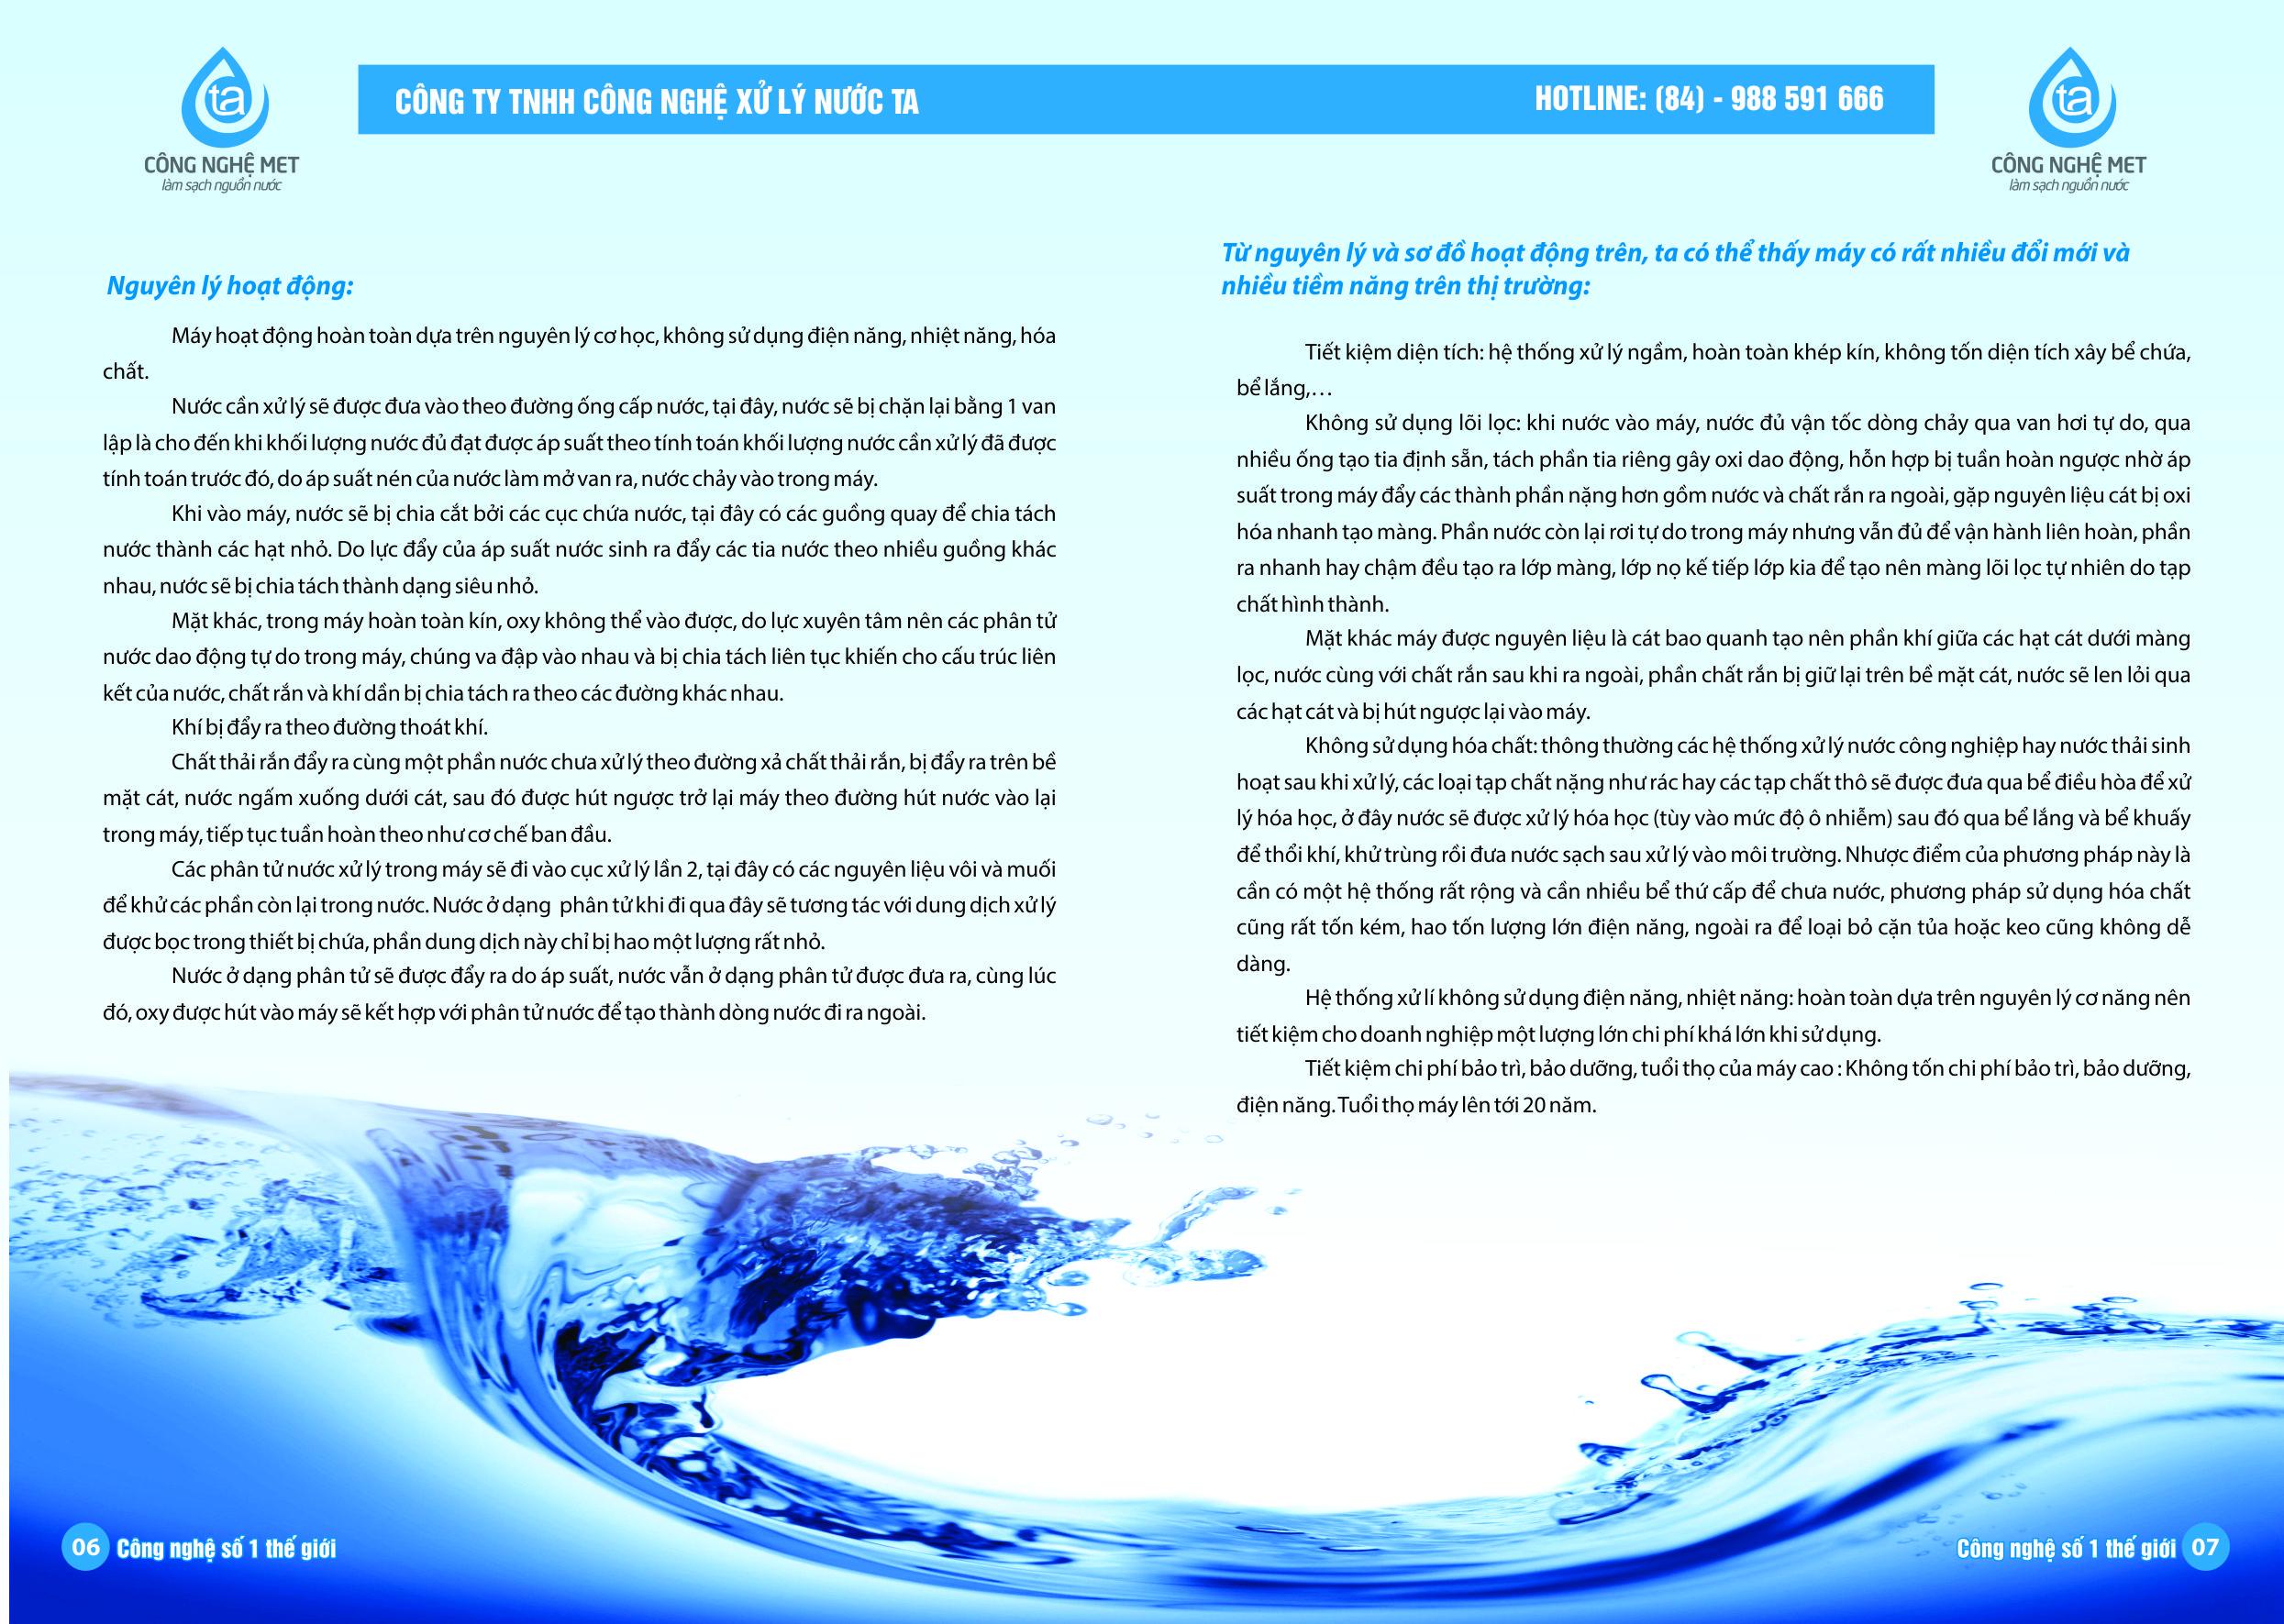 Quy trình xử lý nước thải công nghệ MET